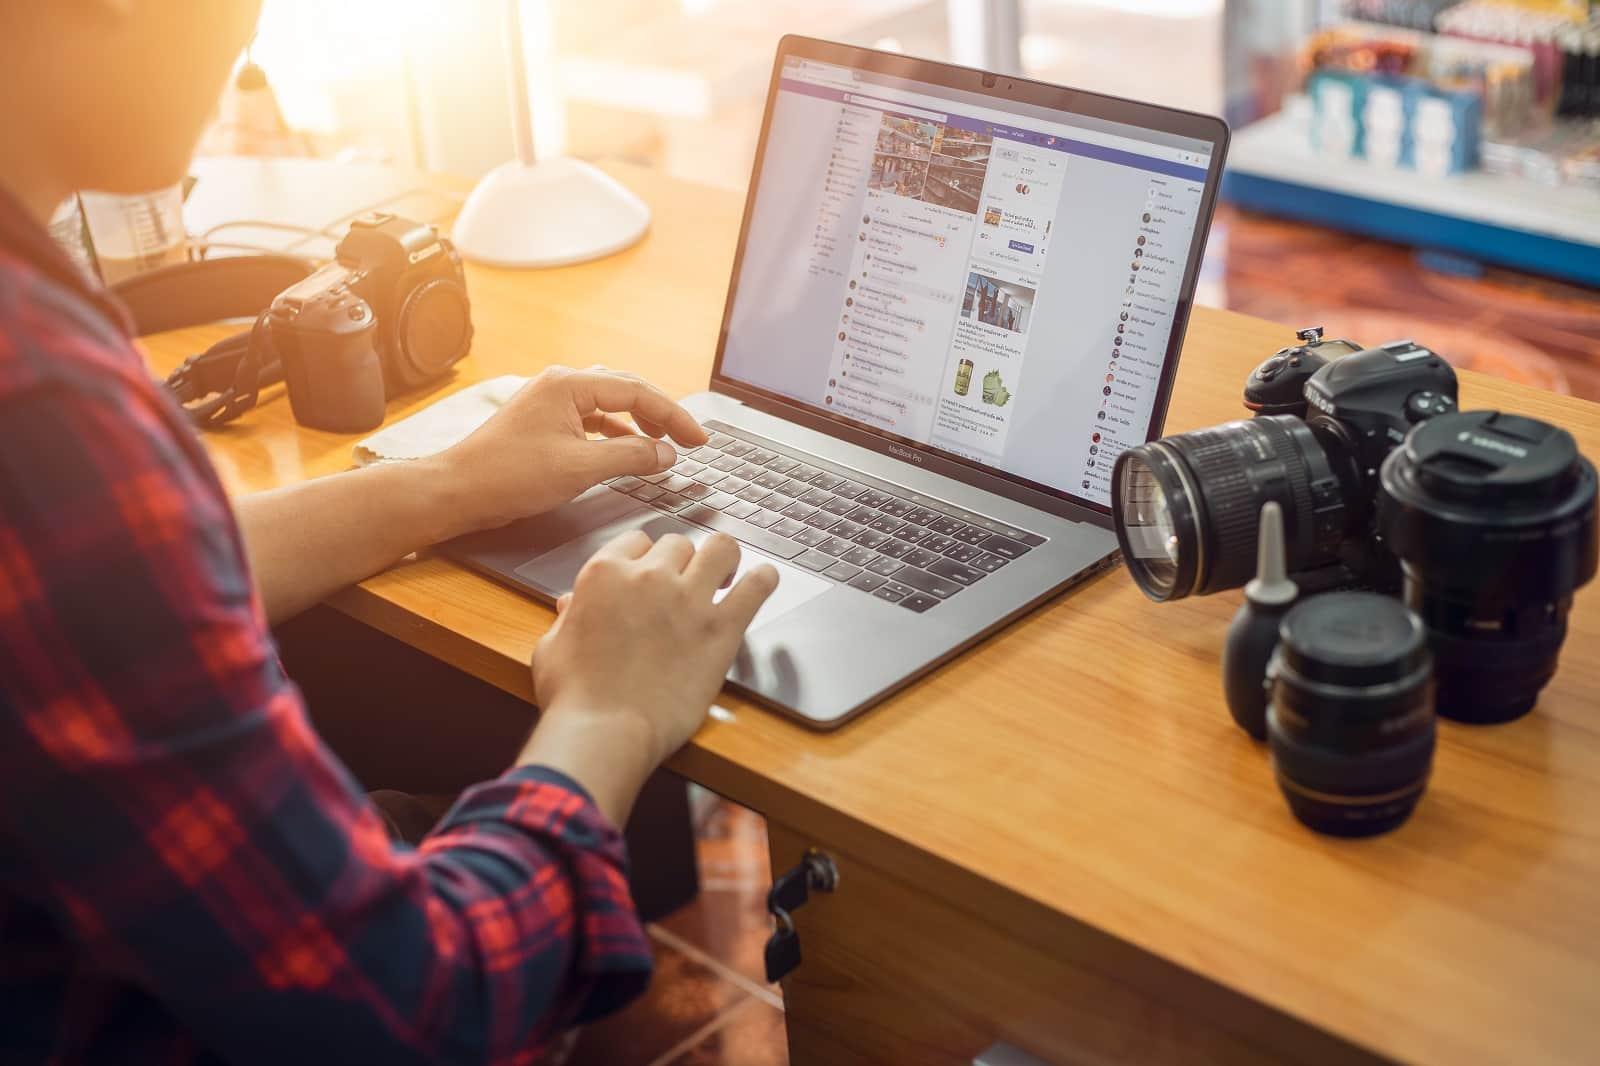 Consentimiento expreso y tácito en redes sociales